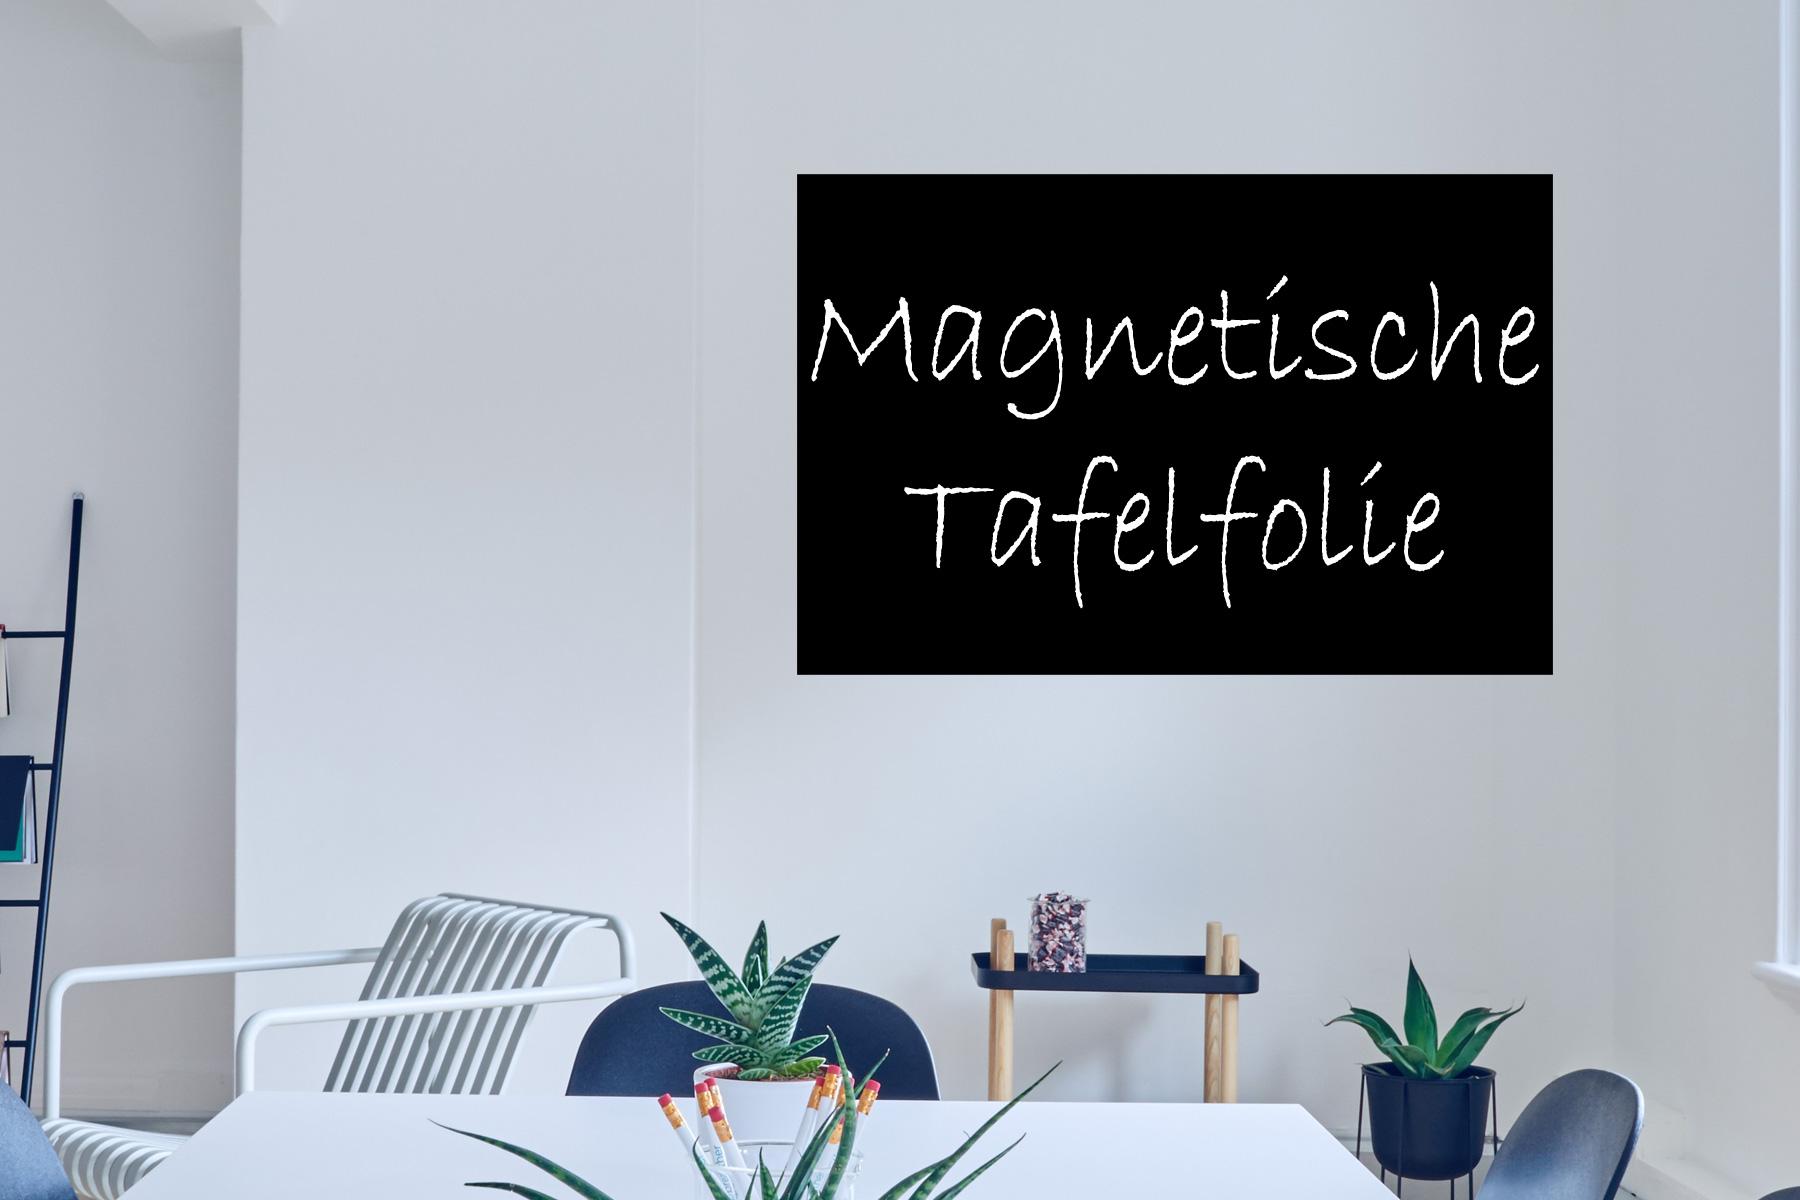 Full Size of Magnetische Tafelfolie Selbstklebend Küche Ohne Oberschränke Müllsystem Amerikanische Kaufen Arbeitstisch Stehhilfe Büroküche Wasserhahn Weisse Wohnzimmer Magnetische Kreidetafel Küche